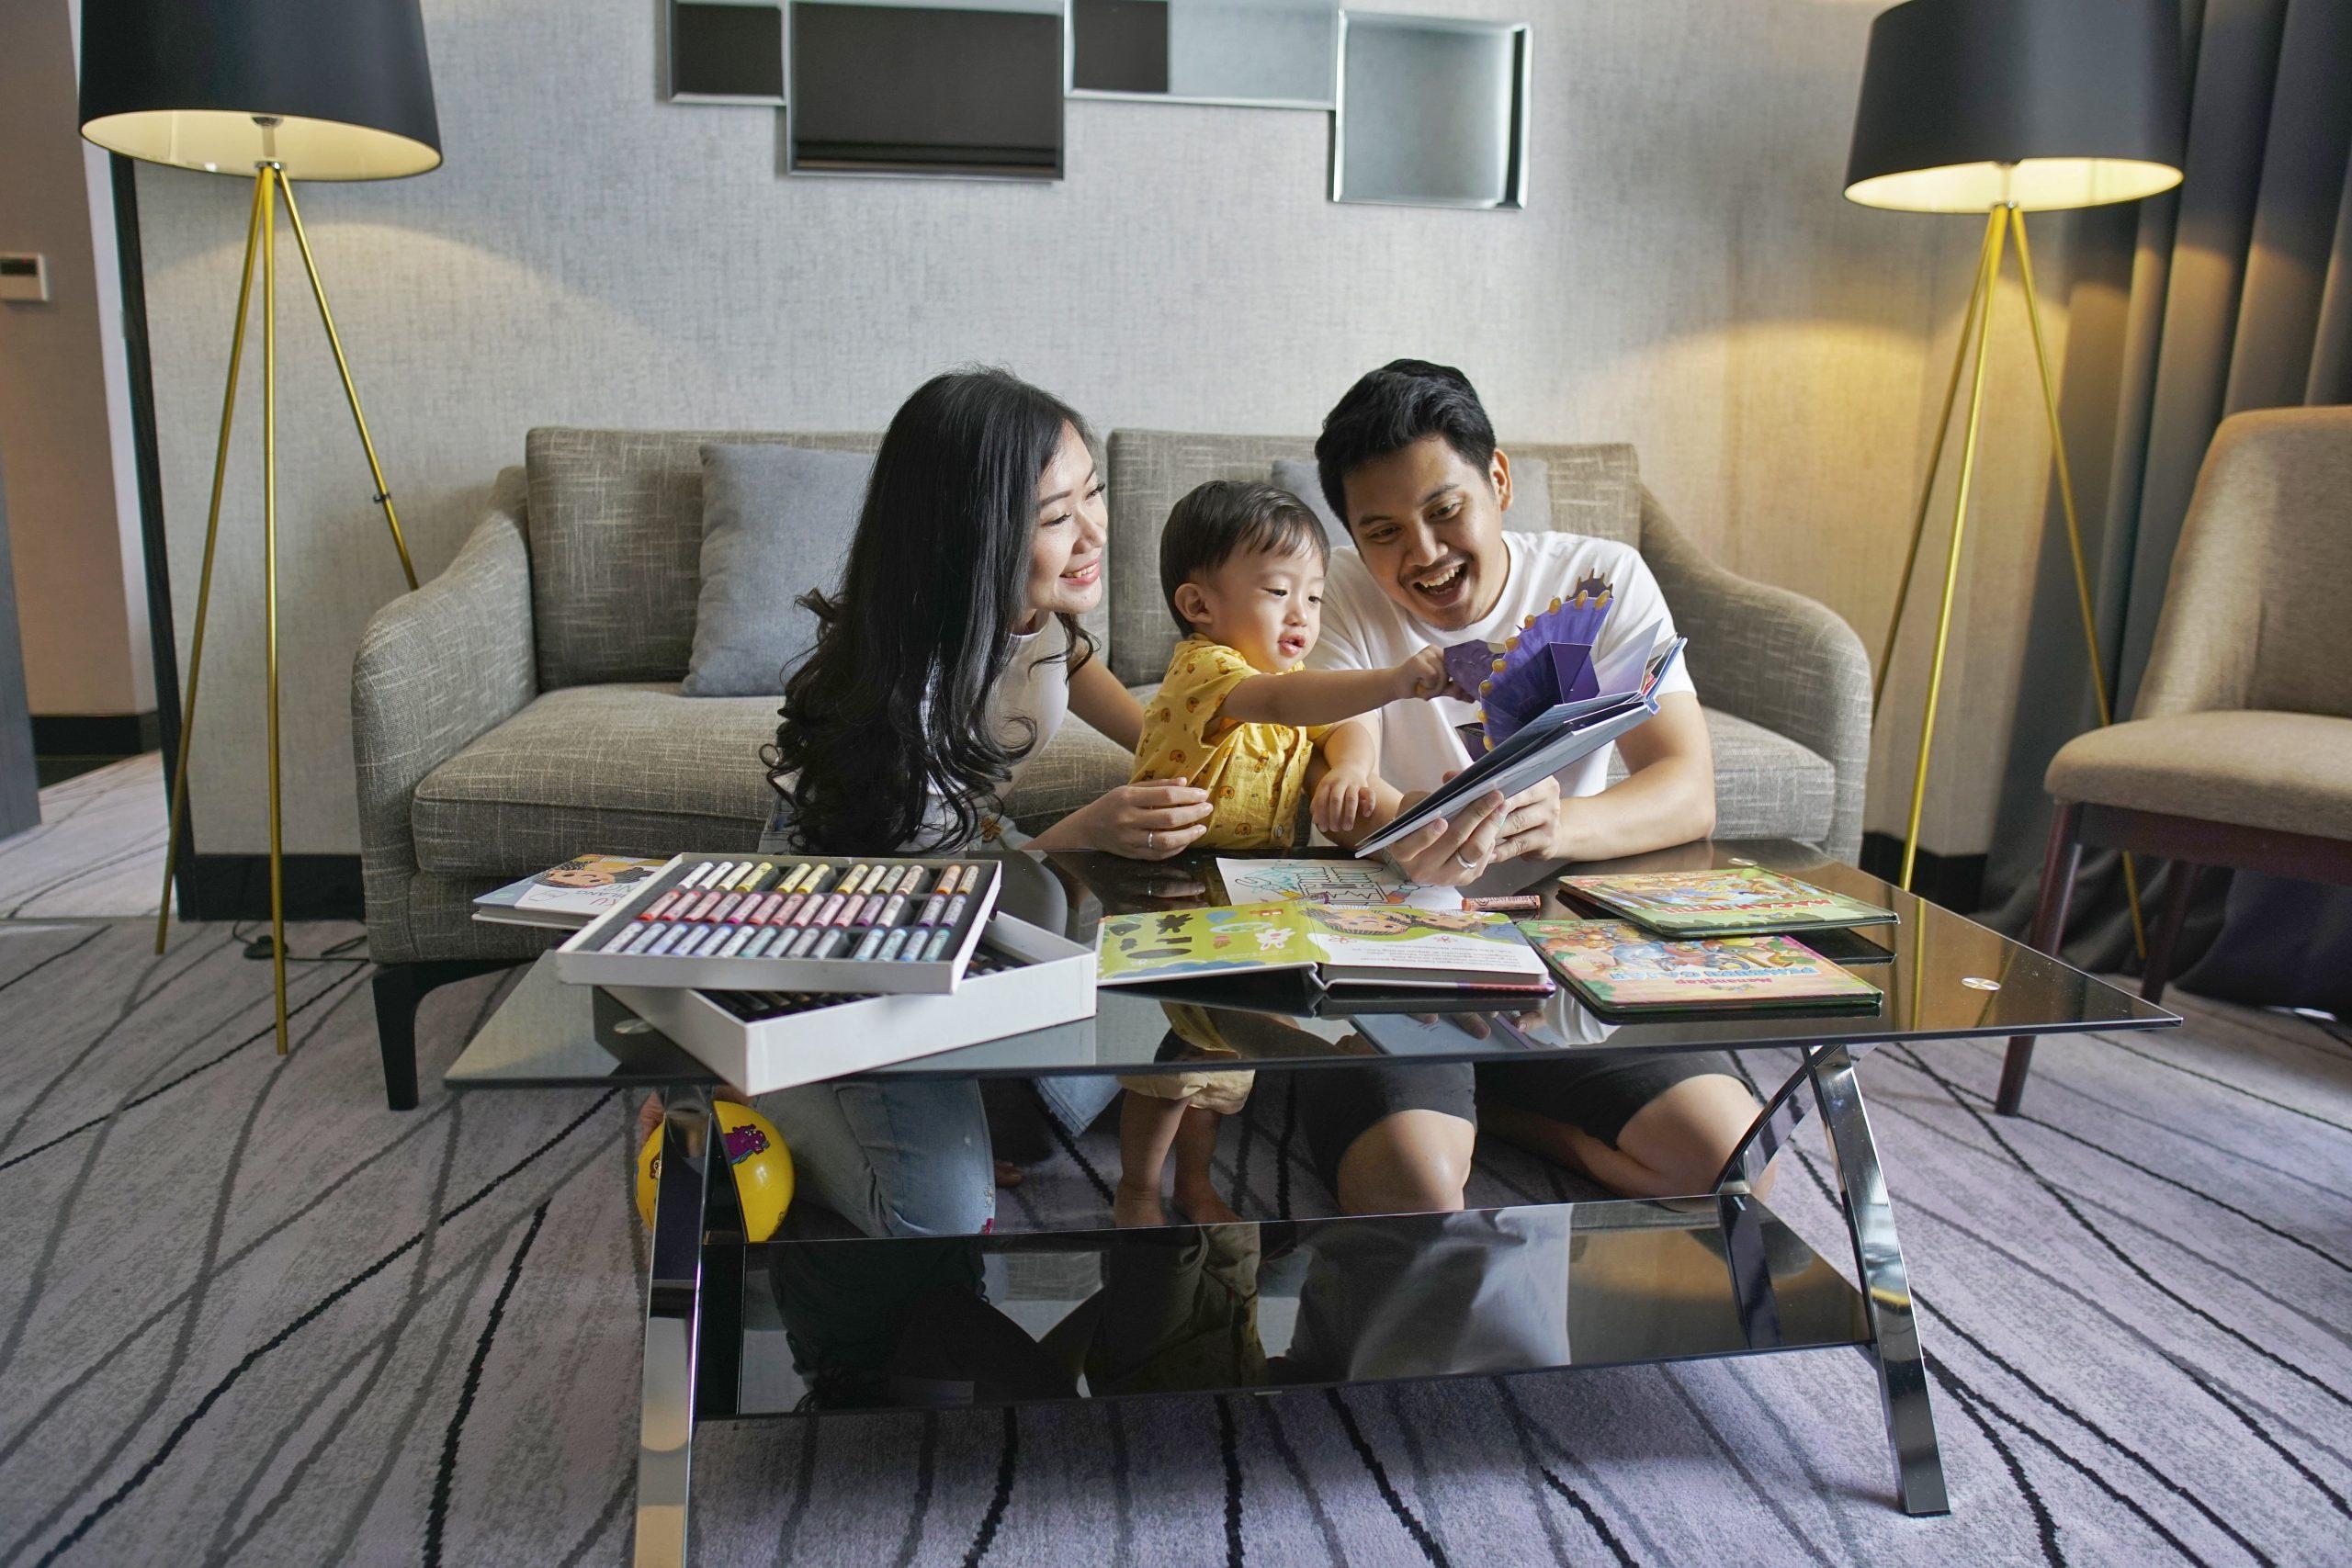 Staycation Mewah Bersama Keluarga Di Royal Tulip Darmo Dengan Promo Paket Kamar Hemat